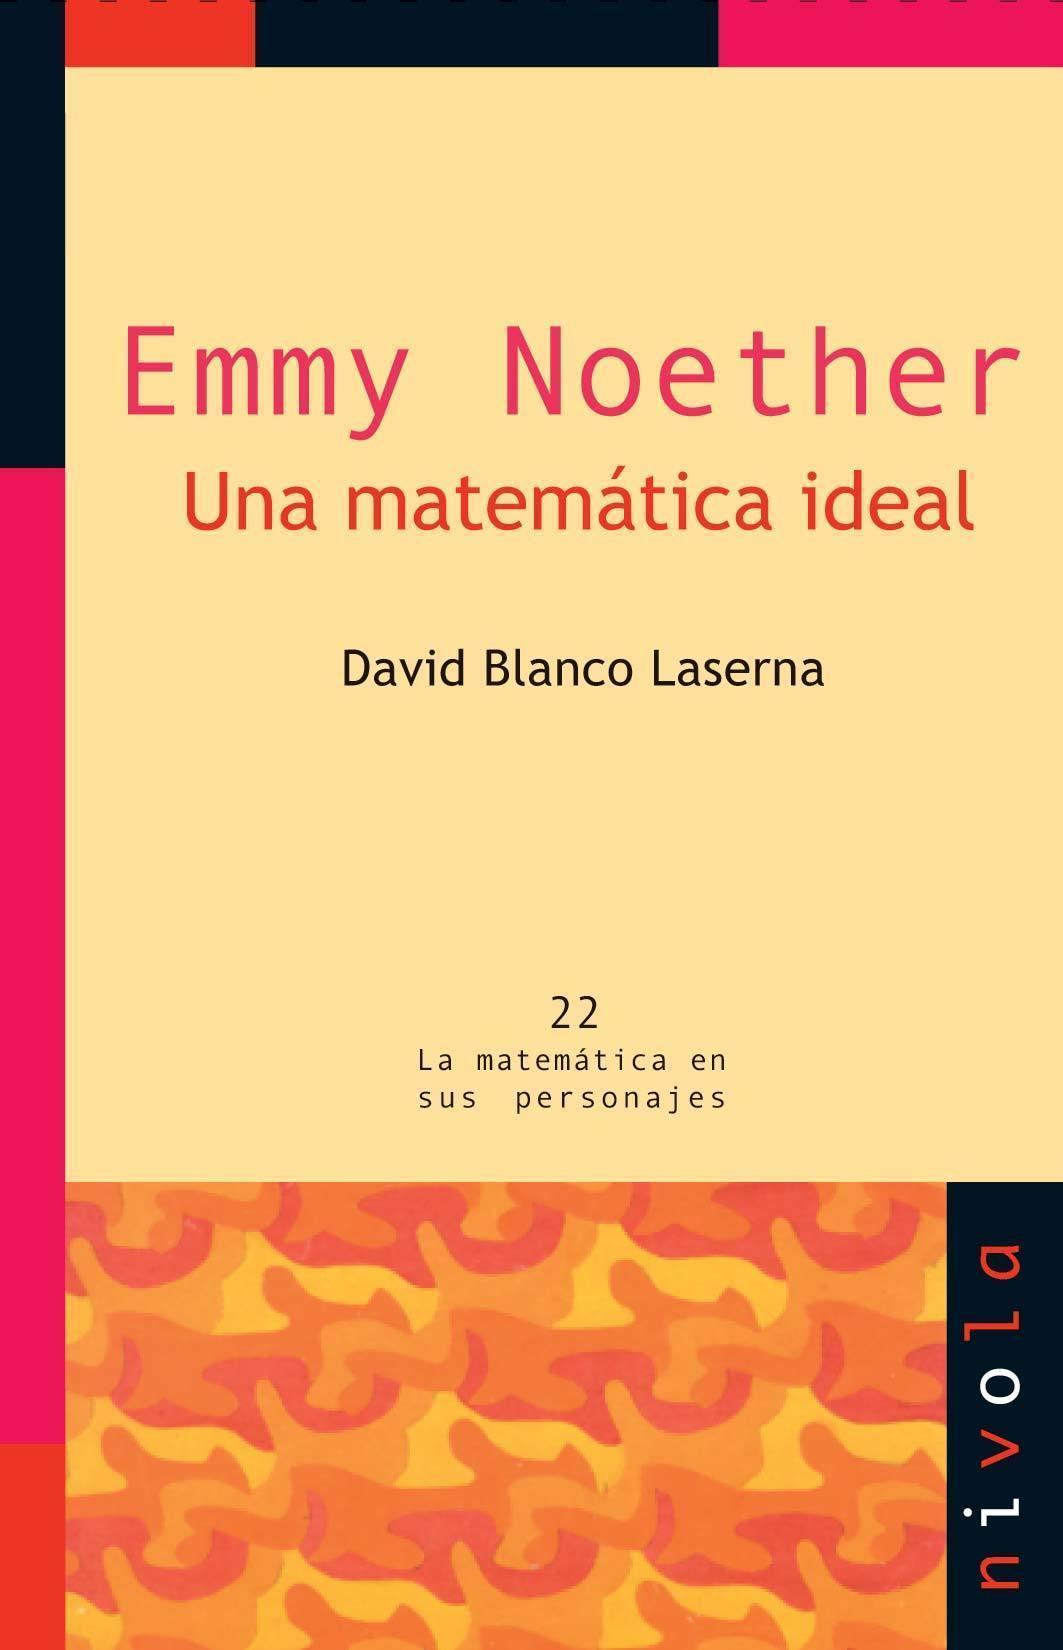 Emmy Noether. David Blanco Laserna